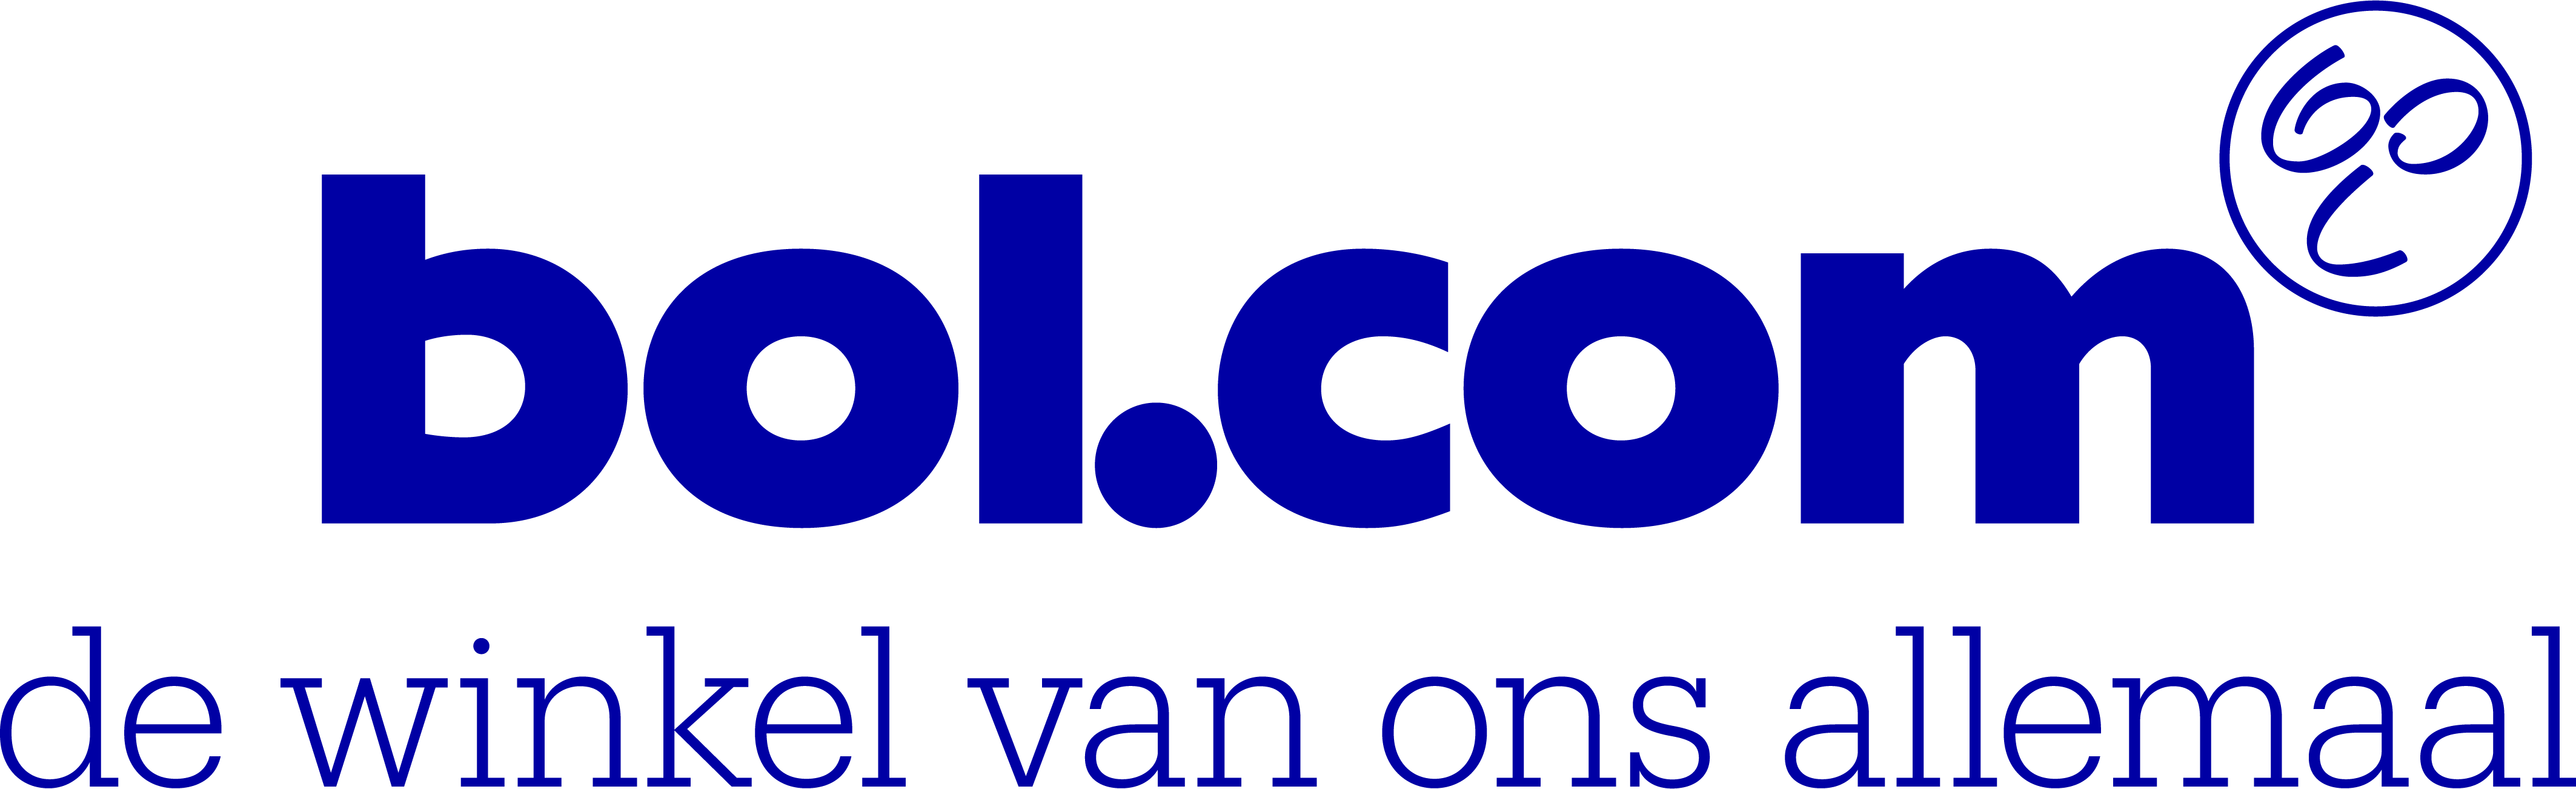 bol.com logo